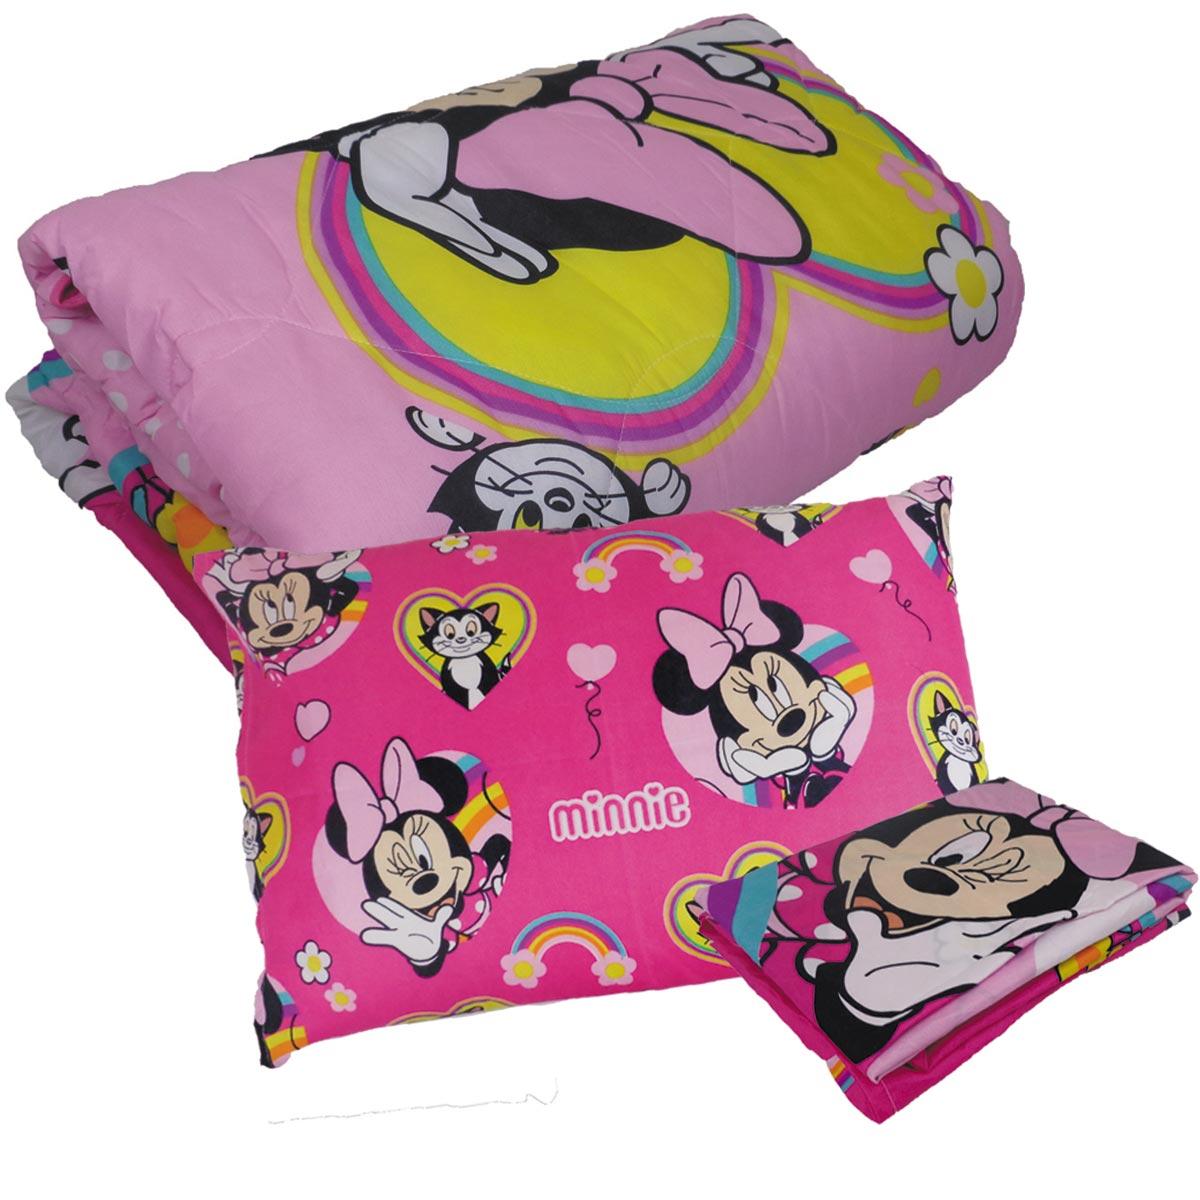 Kit Infantil Minnie Mouse Menina Rosa Edredom + Jogo De Cama Lepper